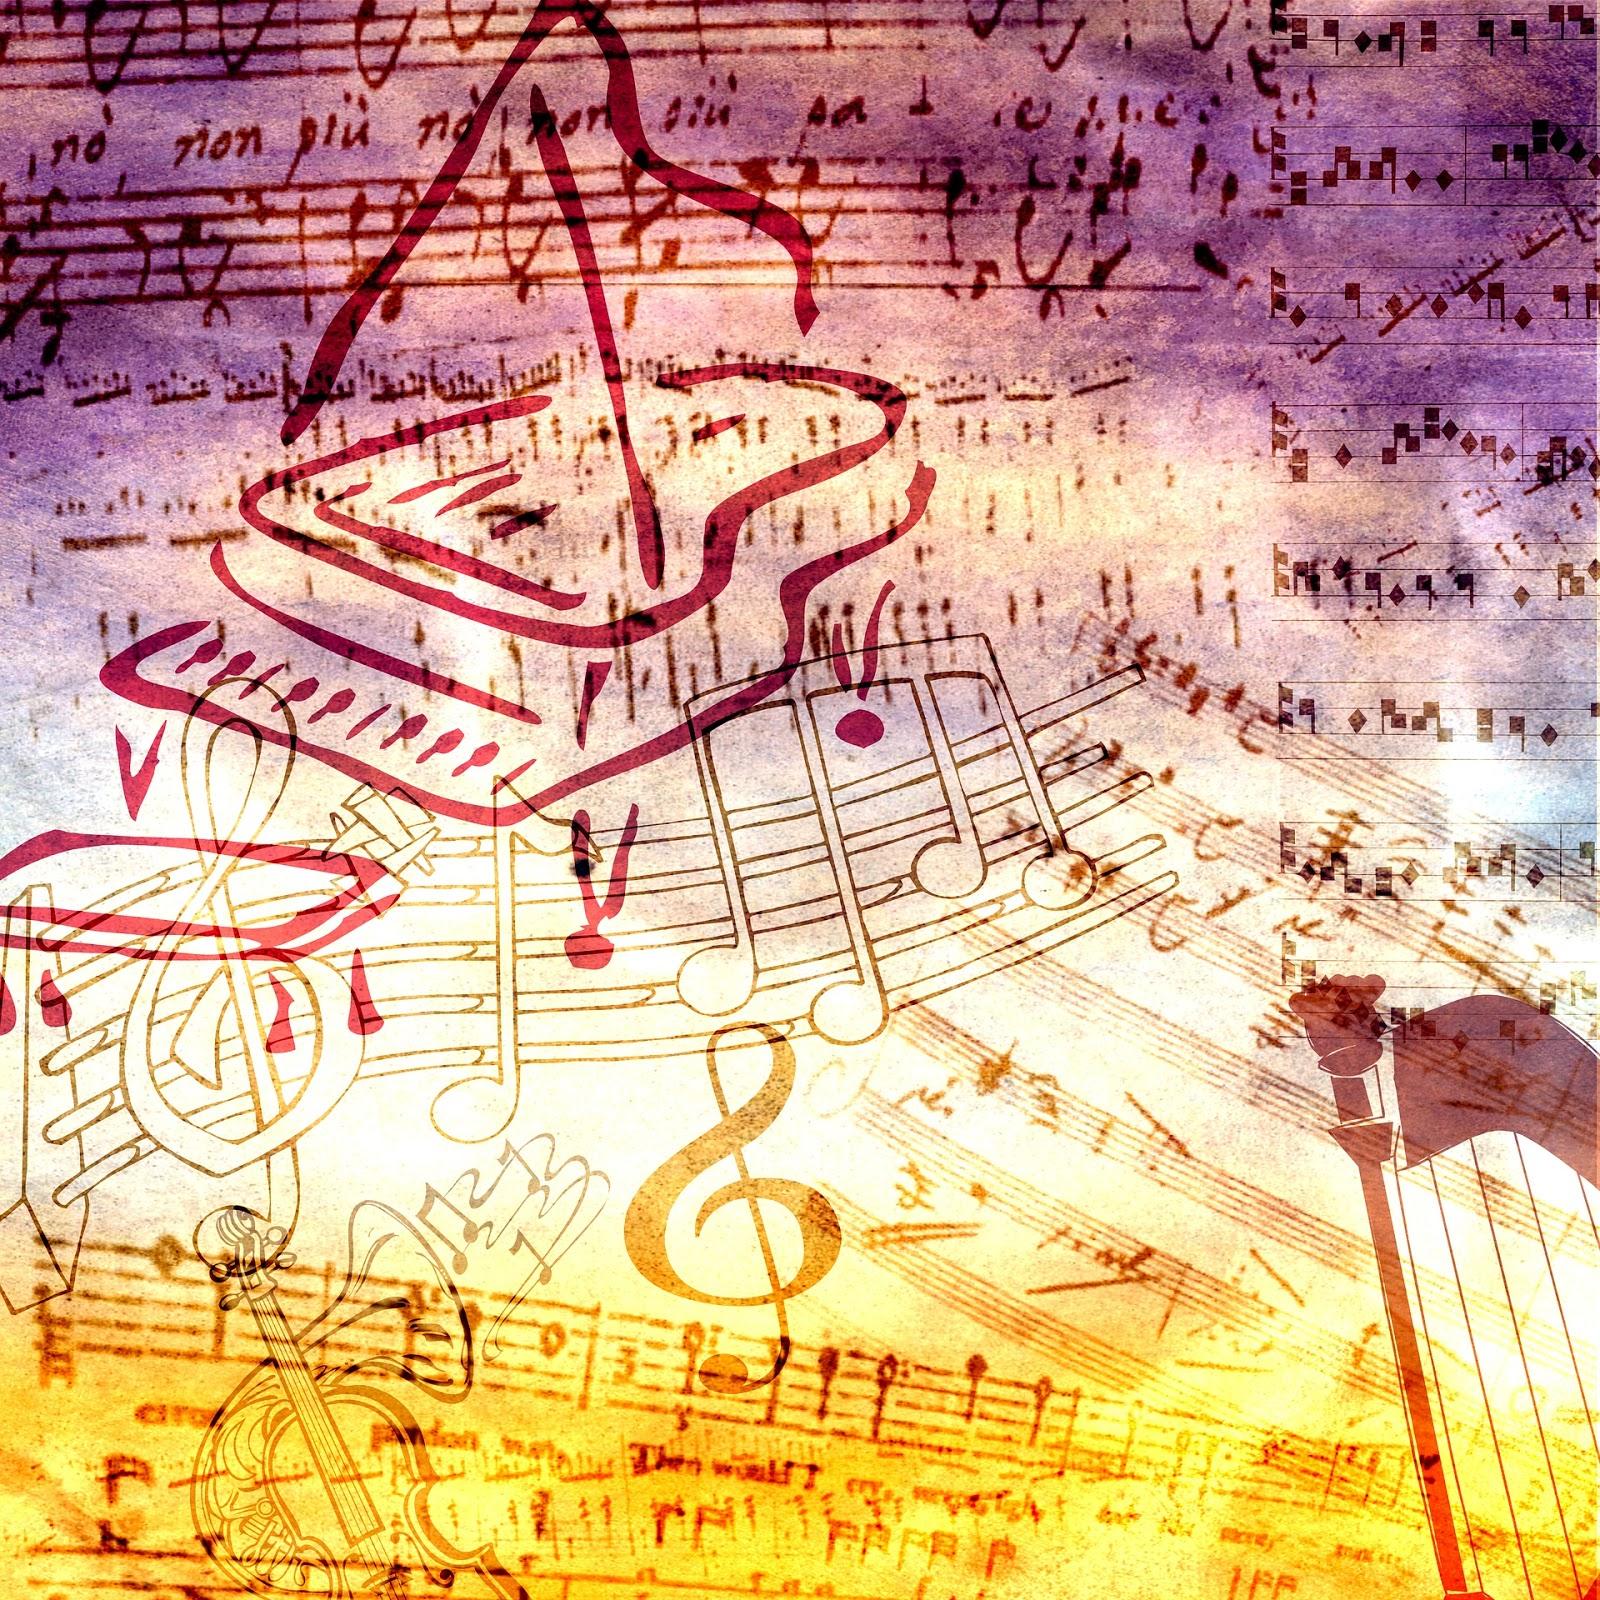 Картинки с музыкальной тематикой